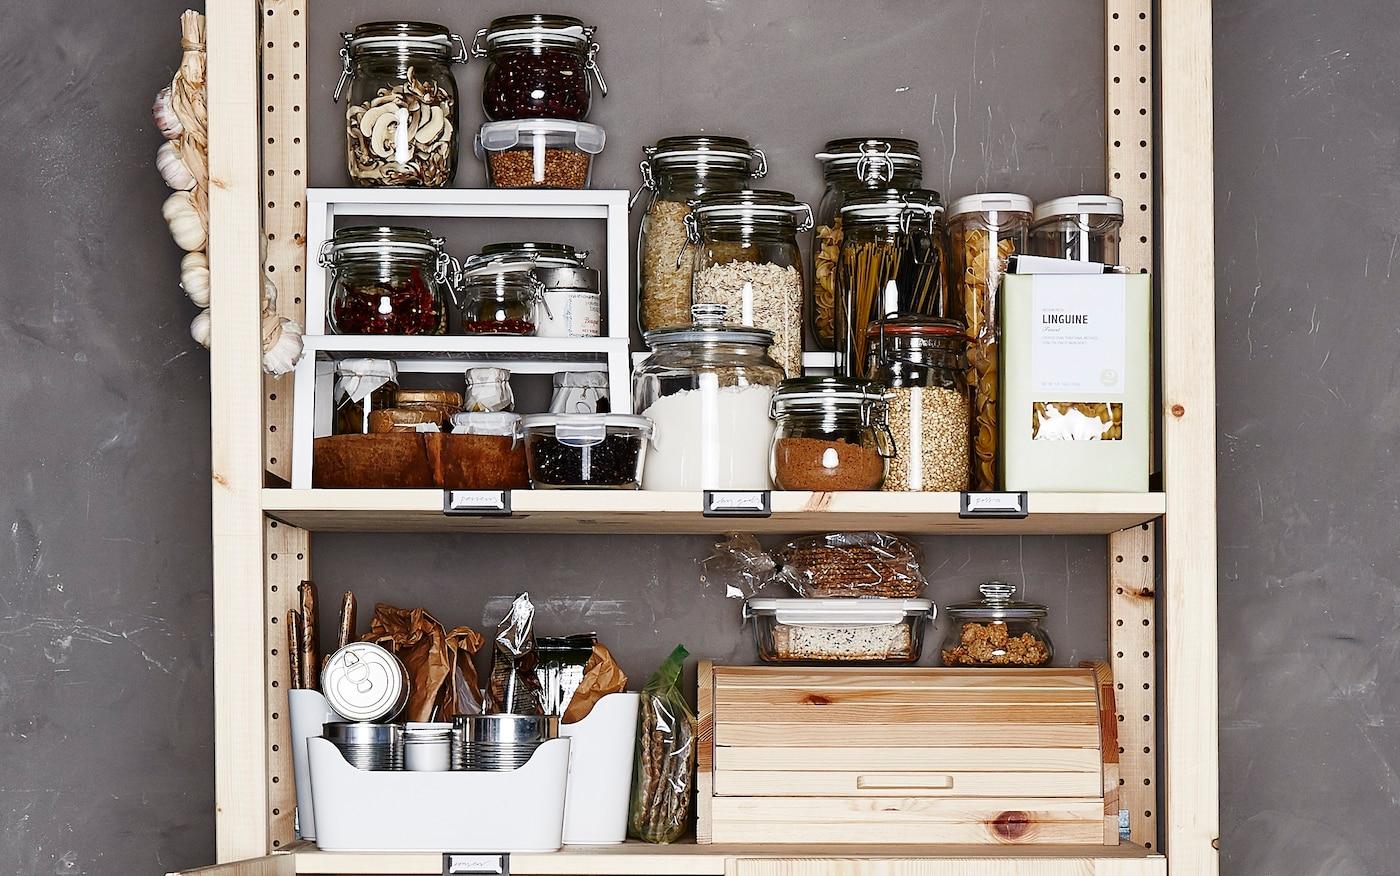 Full Size of Ikea Aufbewahrung Küche Lebensmittelaufbewahrung Tipps Ideen Deutschland Eckküche Mit Elektrogeräten Fliesen Für Unterschrank Sockelblende Apothekerschrank Wohnzimmer Ikea Aufbewahrung Küche